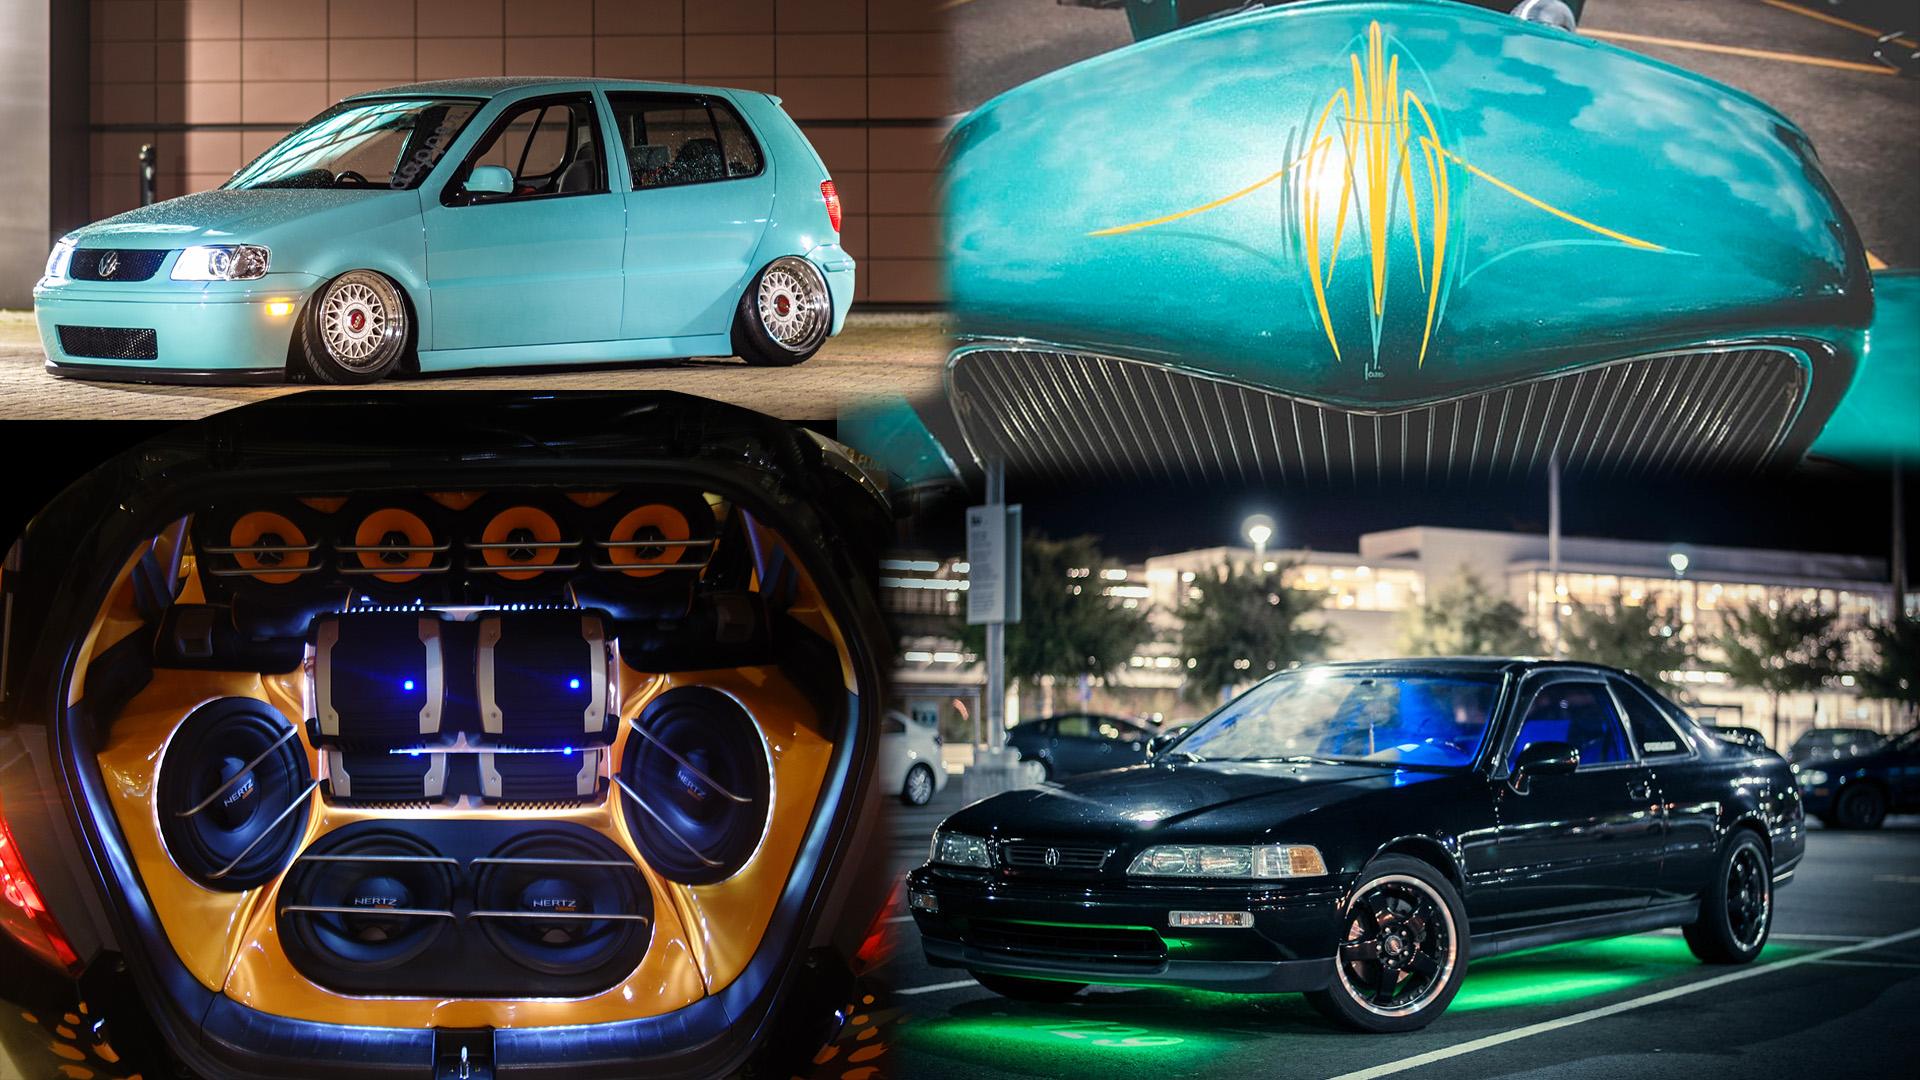 8 biltrender vi elsker og hater